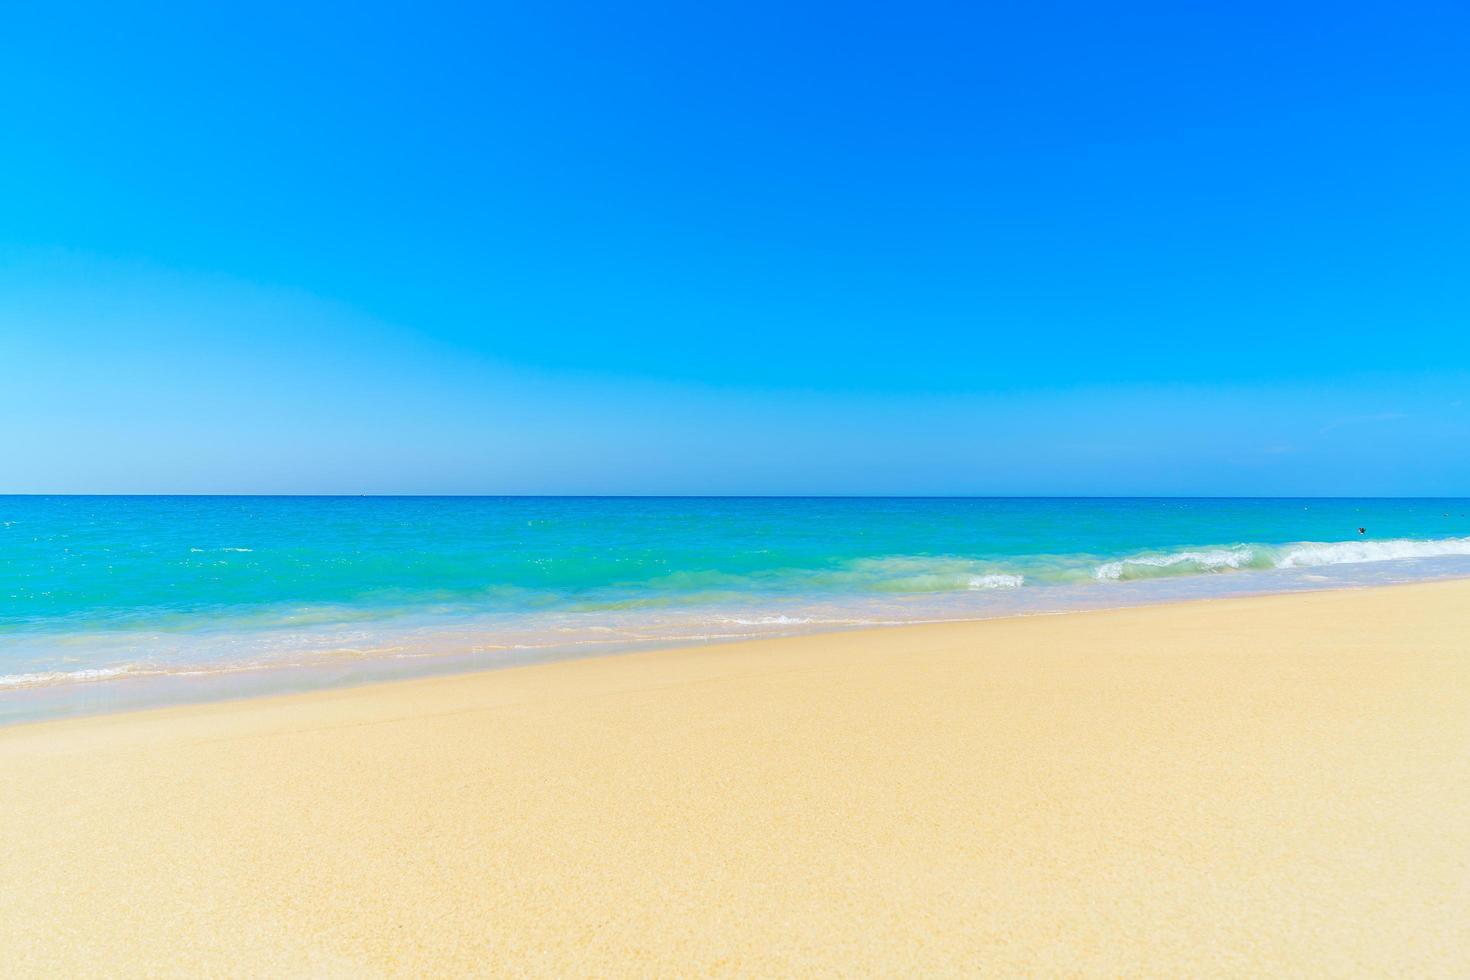 belle plage et ciel bleu photo